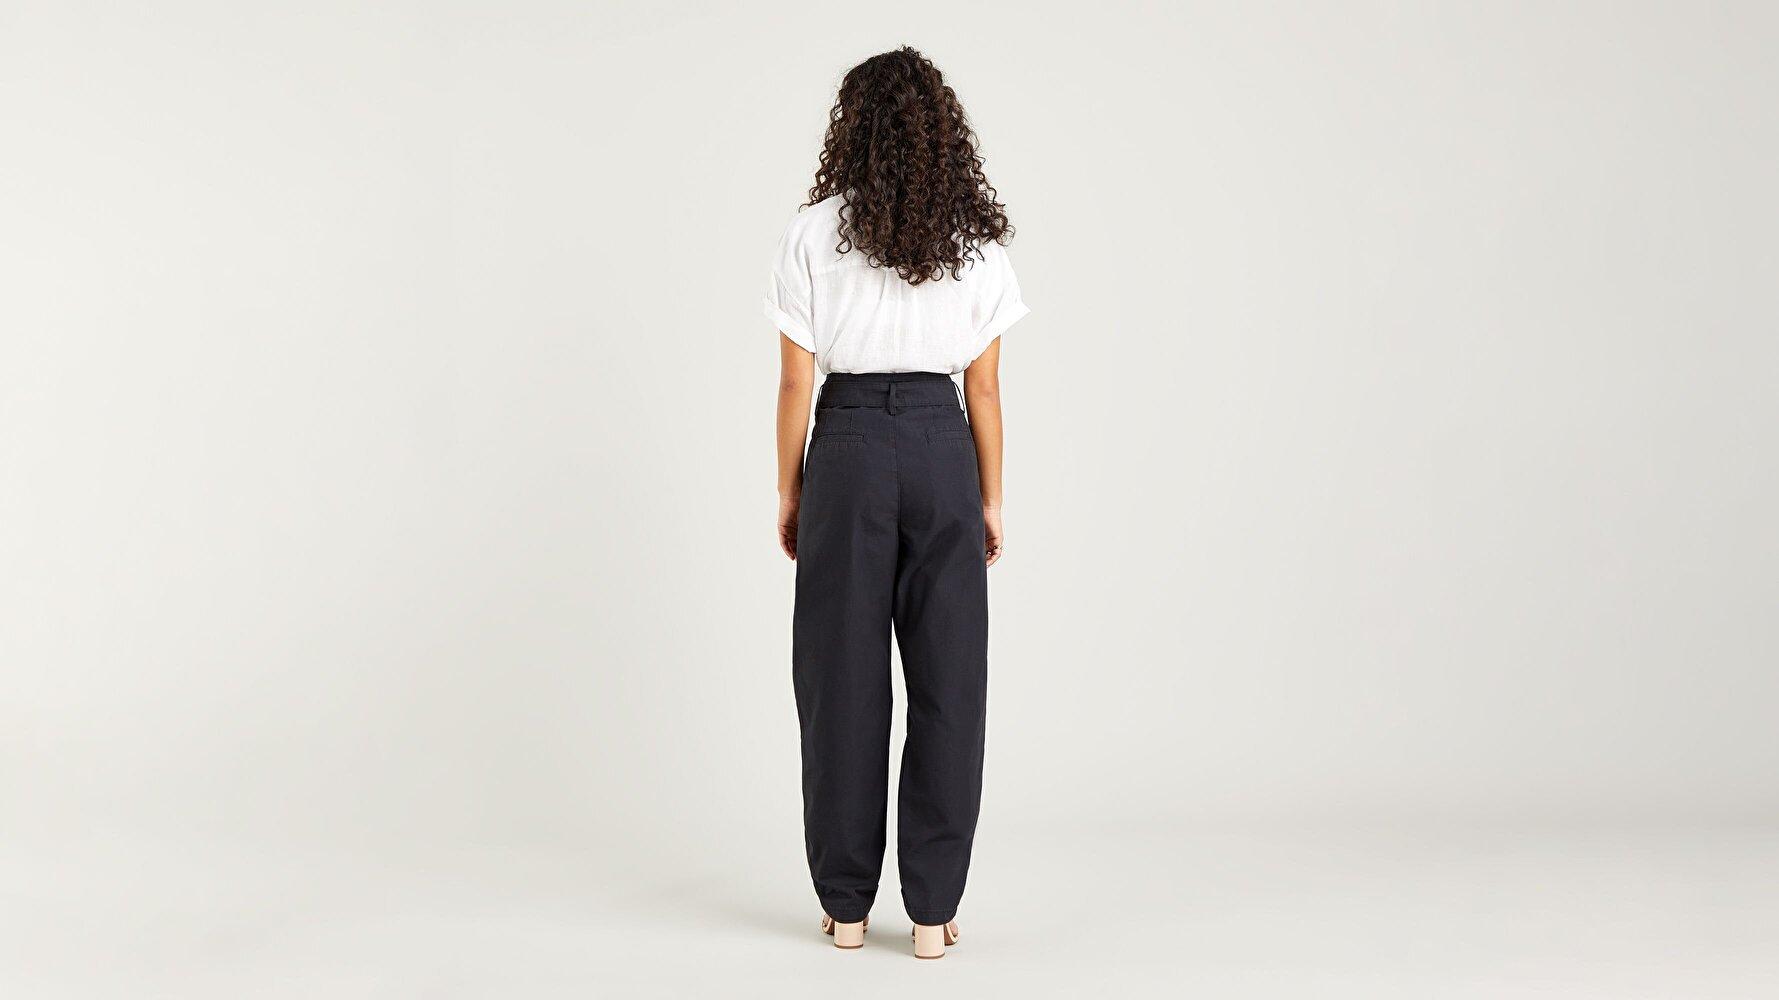 Tailor Yüksek Bel Taper Kadın Jean Pantolon-Soft Structure Caviar